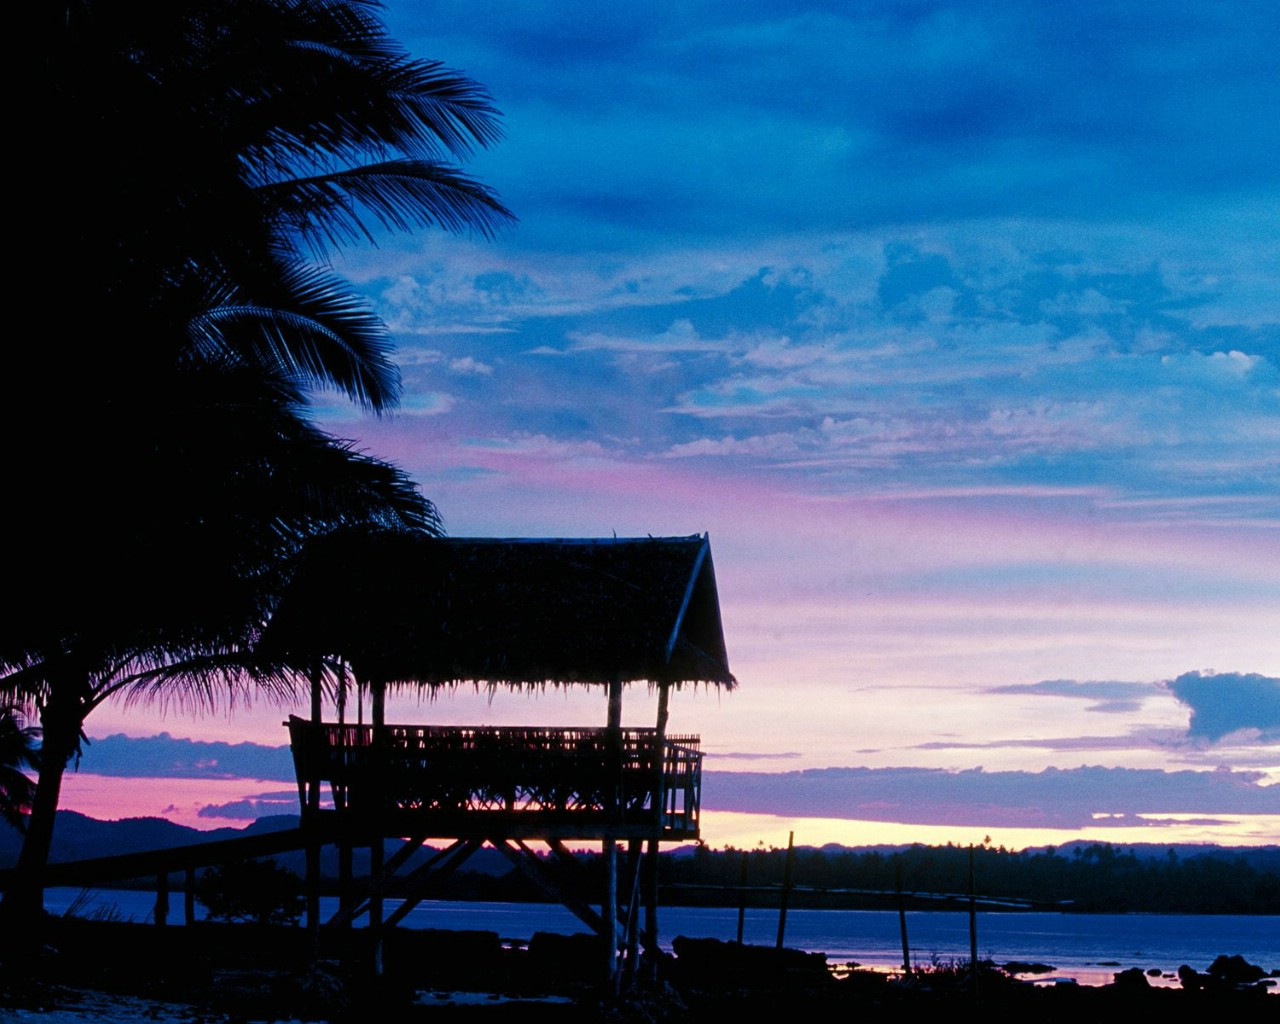 壁纸1280×1024菲律宾 锡亚高岛黄昏壁纸壁纸 文化之旅地理人文景观一壁纸图片人文壁纸人文图片素材桌面壁纸